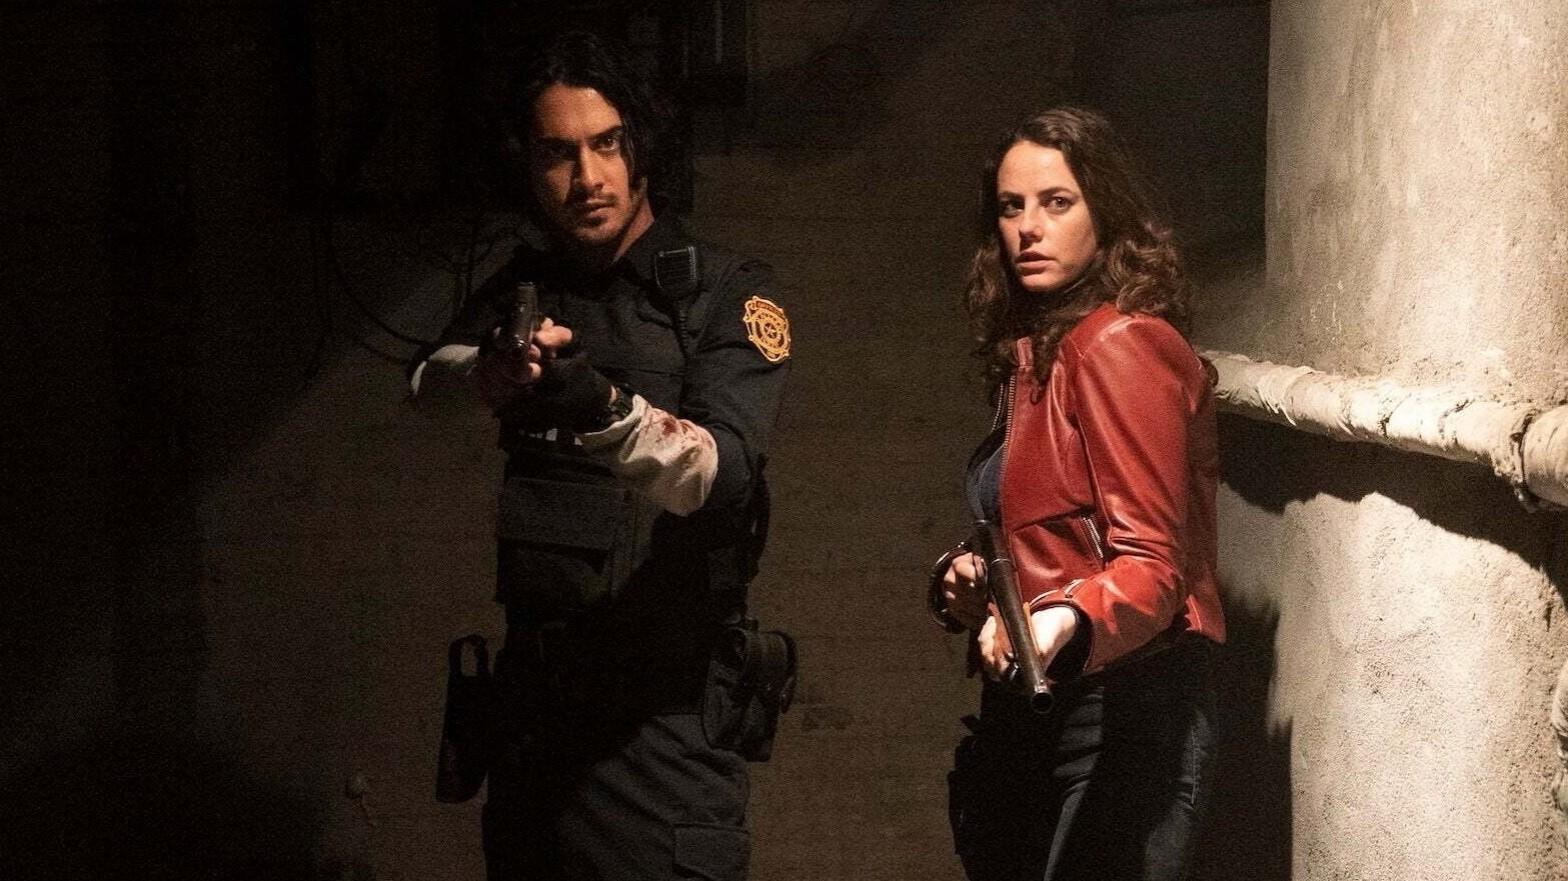 Фильм Обитель зла Добро пожаловать в РаккунСити получил рейтинг R в нем будет много крови и насилия